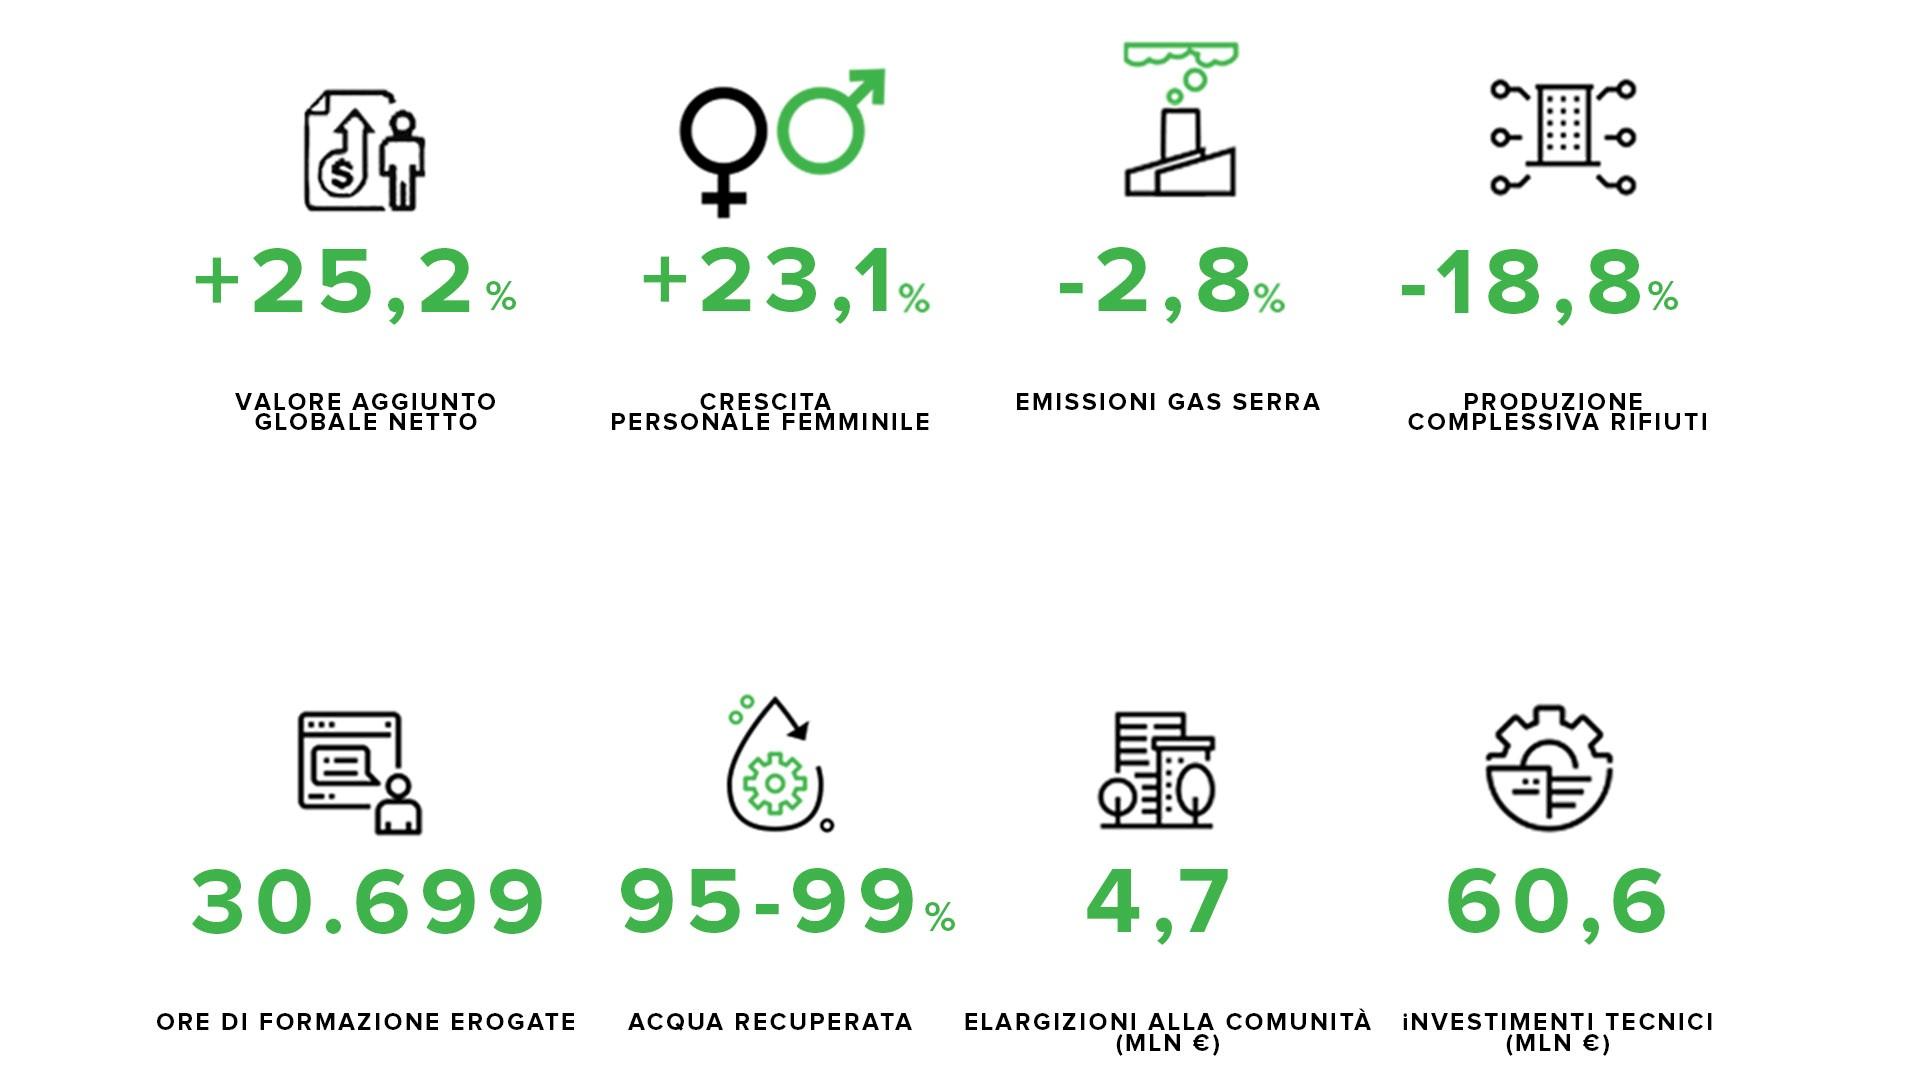 Infografica numeri del Bilancio di sostenibilita 2018